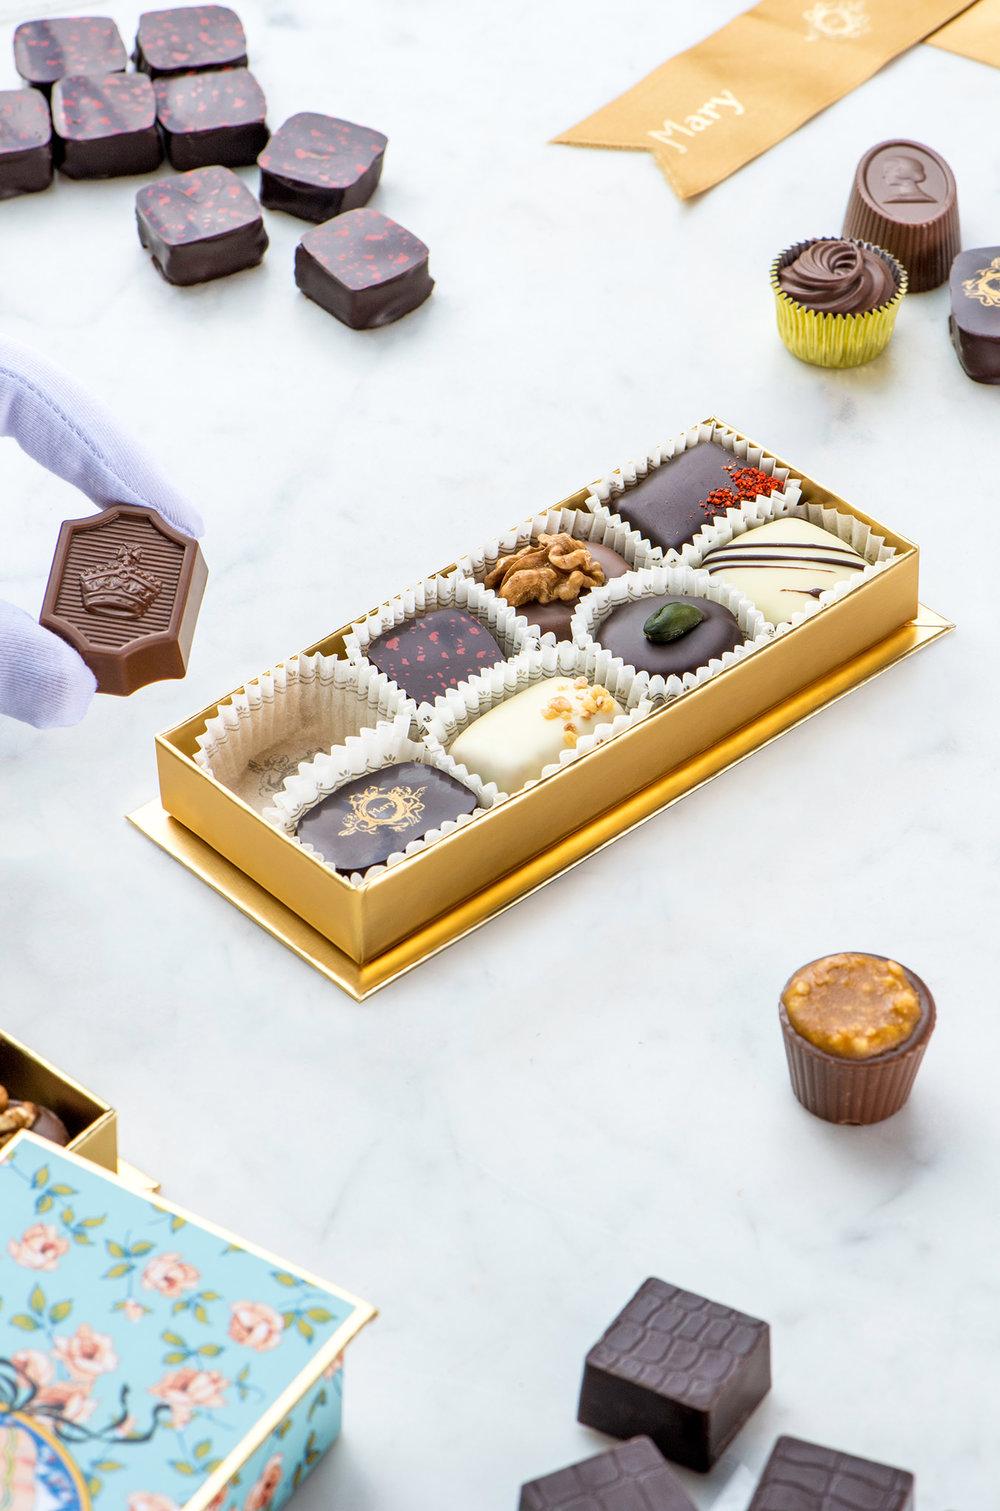 chocolat-pralines-mary-tom-barbier-photographe-alimentaire-boisson-publicite-liege-belgique-4.jpg